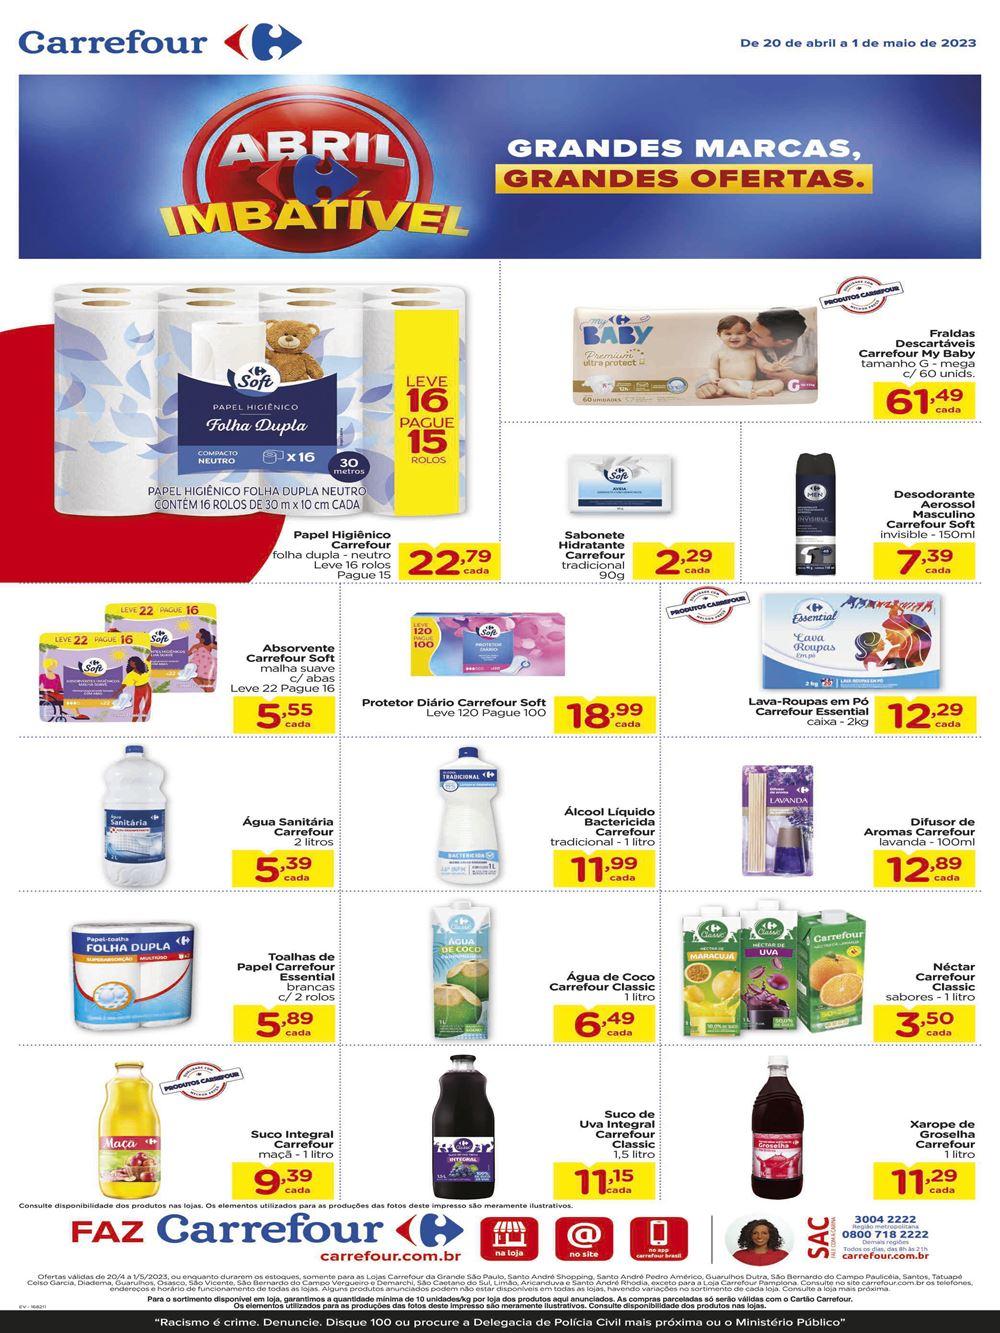 carrefour-ofertas-descontos-hoje14-17 Carrefour até 08/08